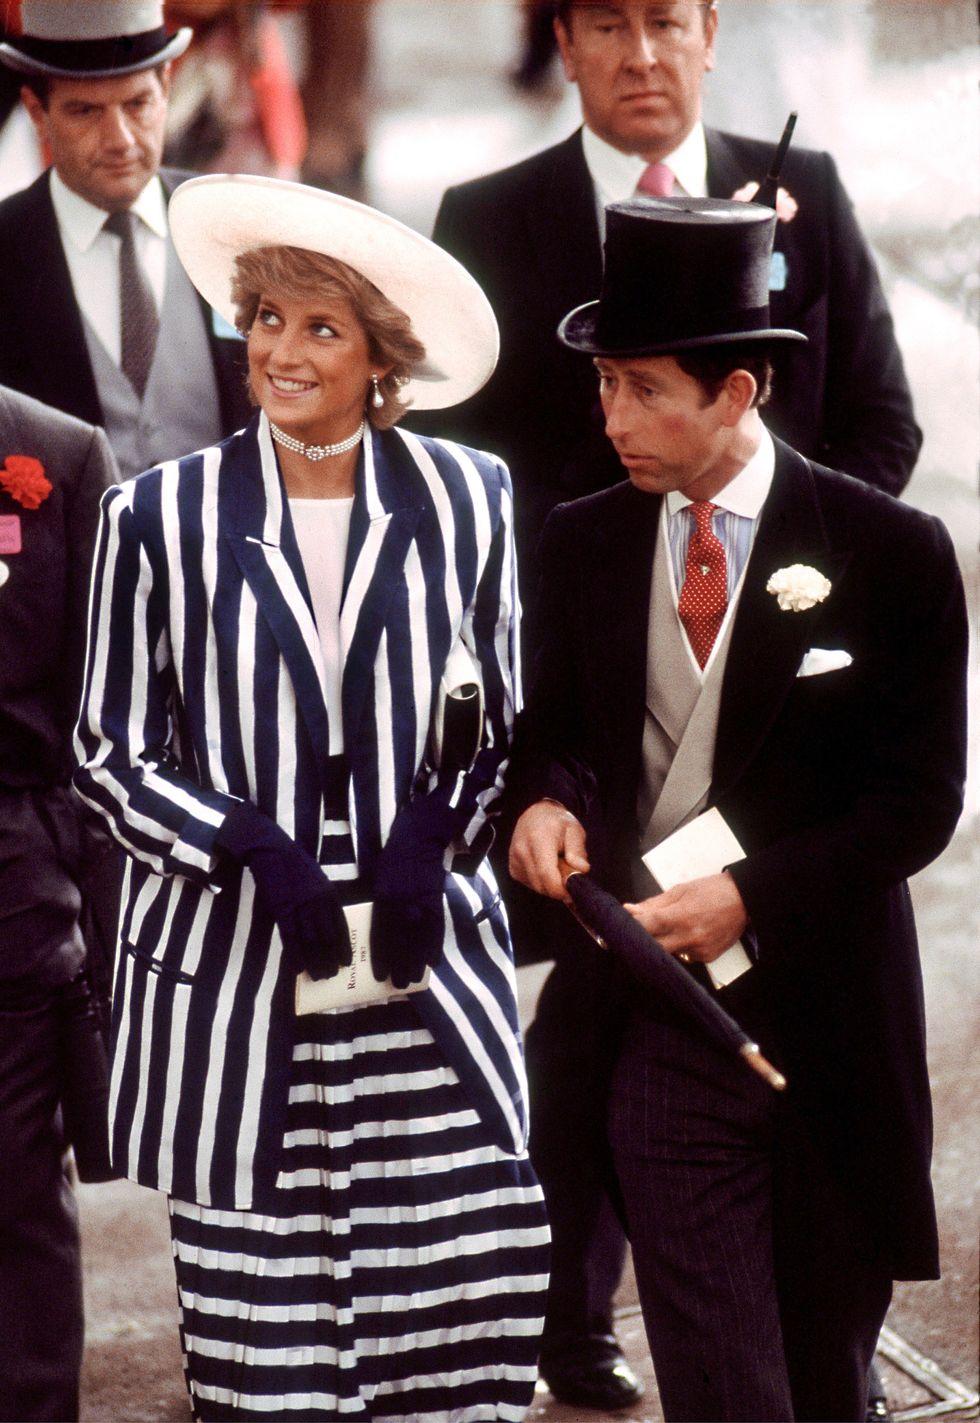 Vương phi Diana với bộ trang phục kẻ sọc thủy thủ và mũ rộng vành trắng